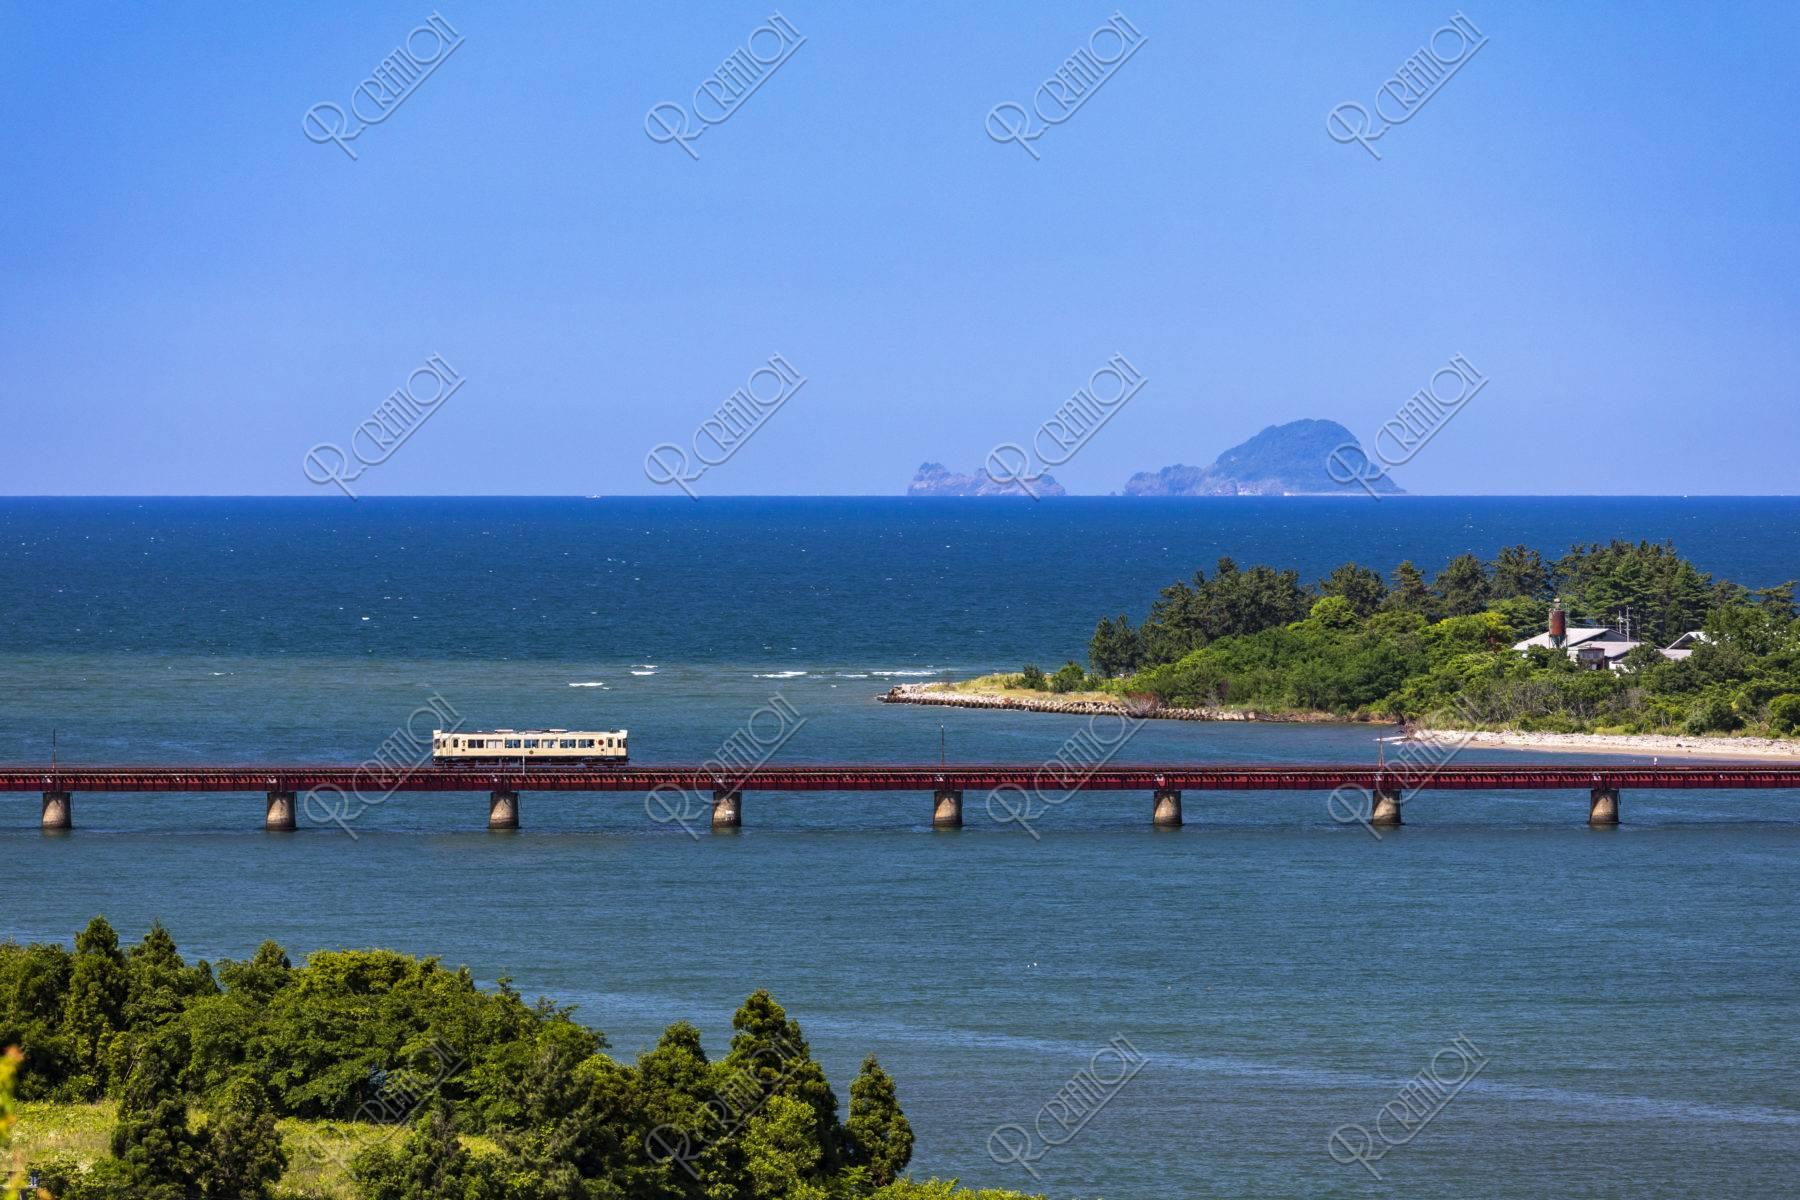 京都丹後鉄道宮舞線